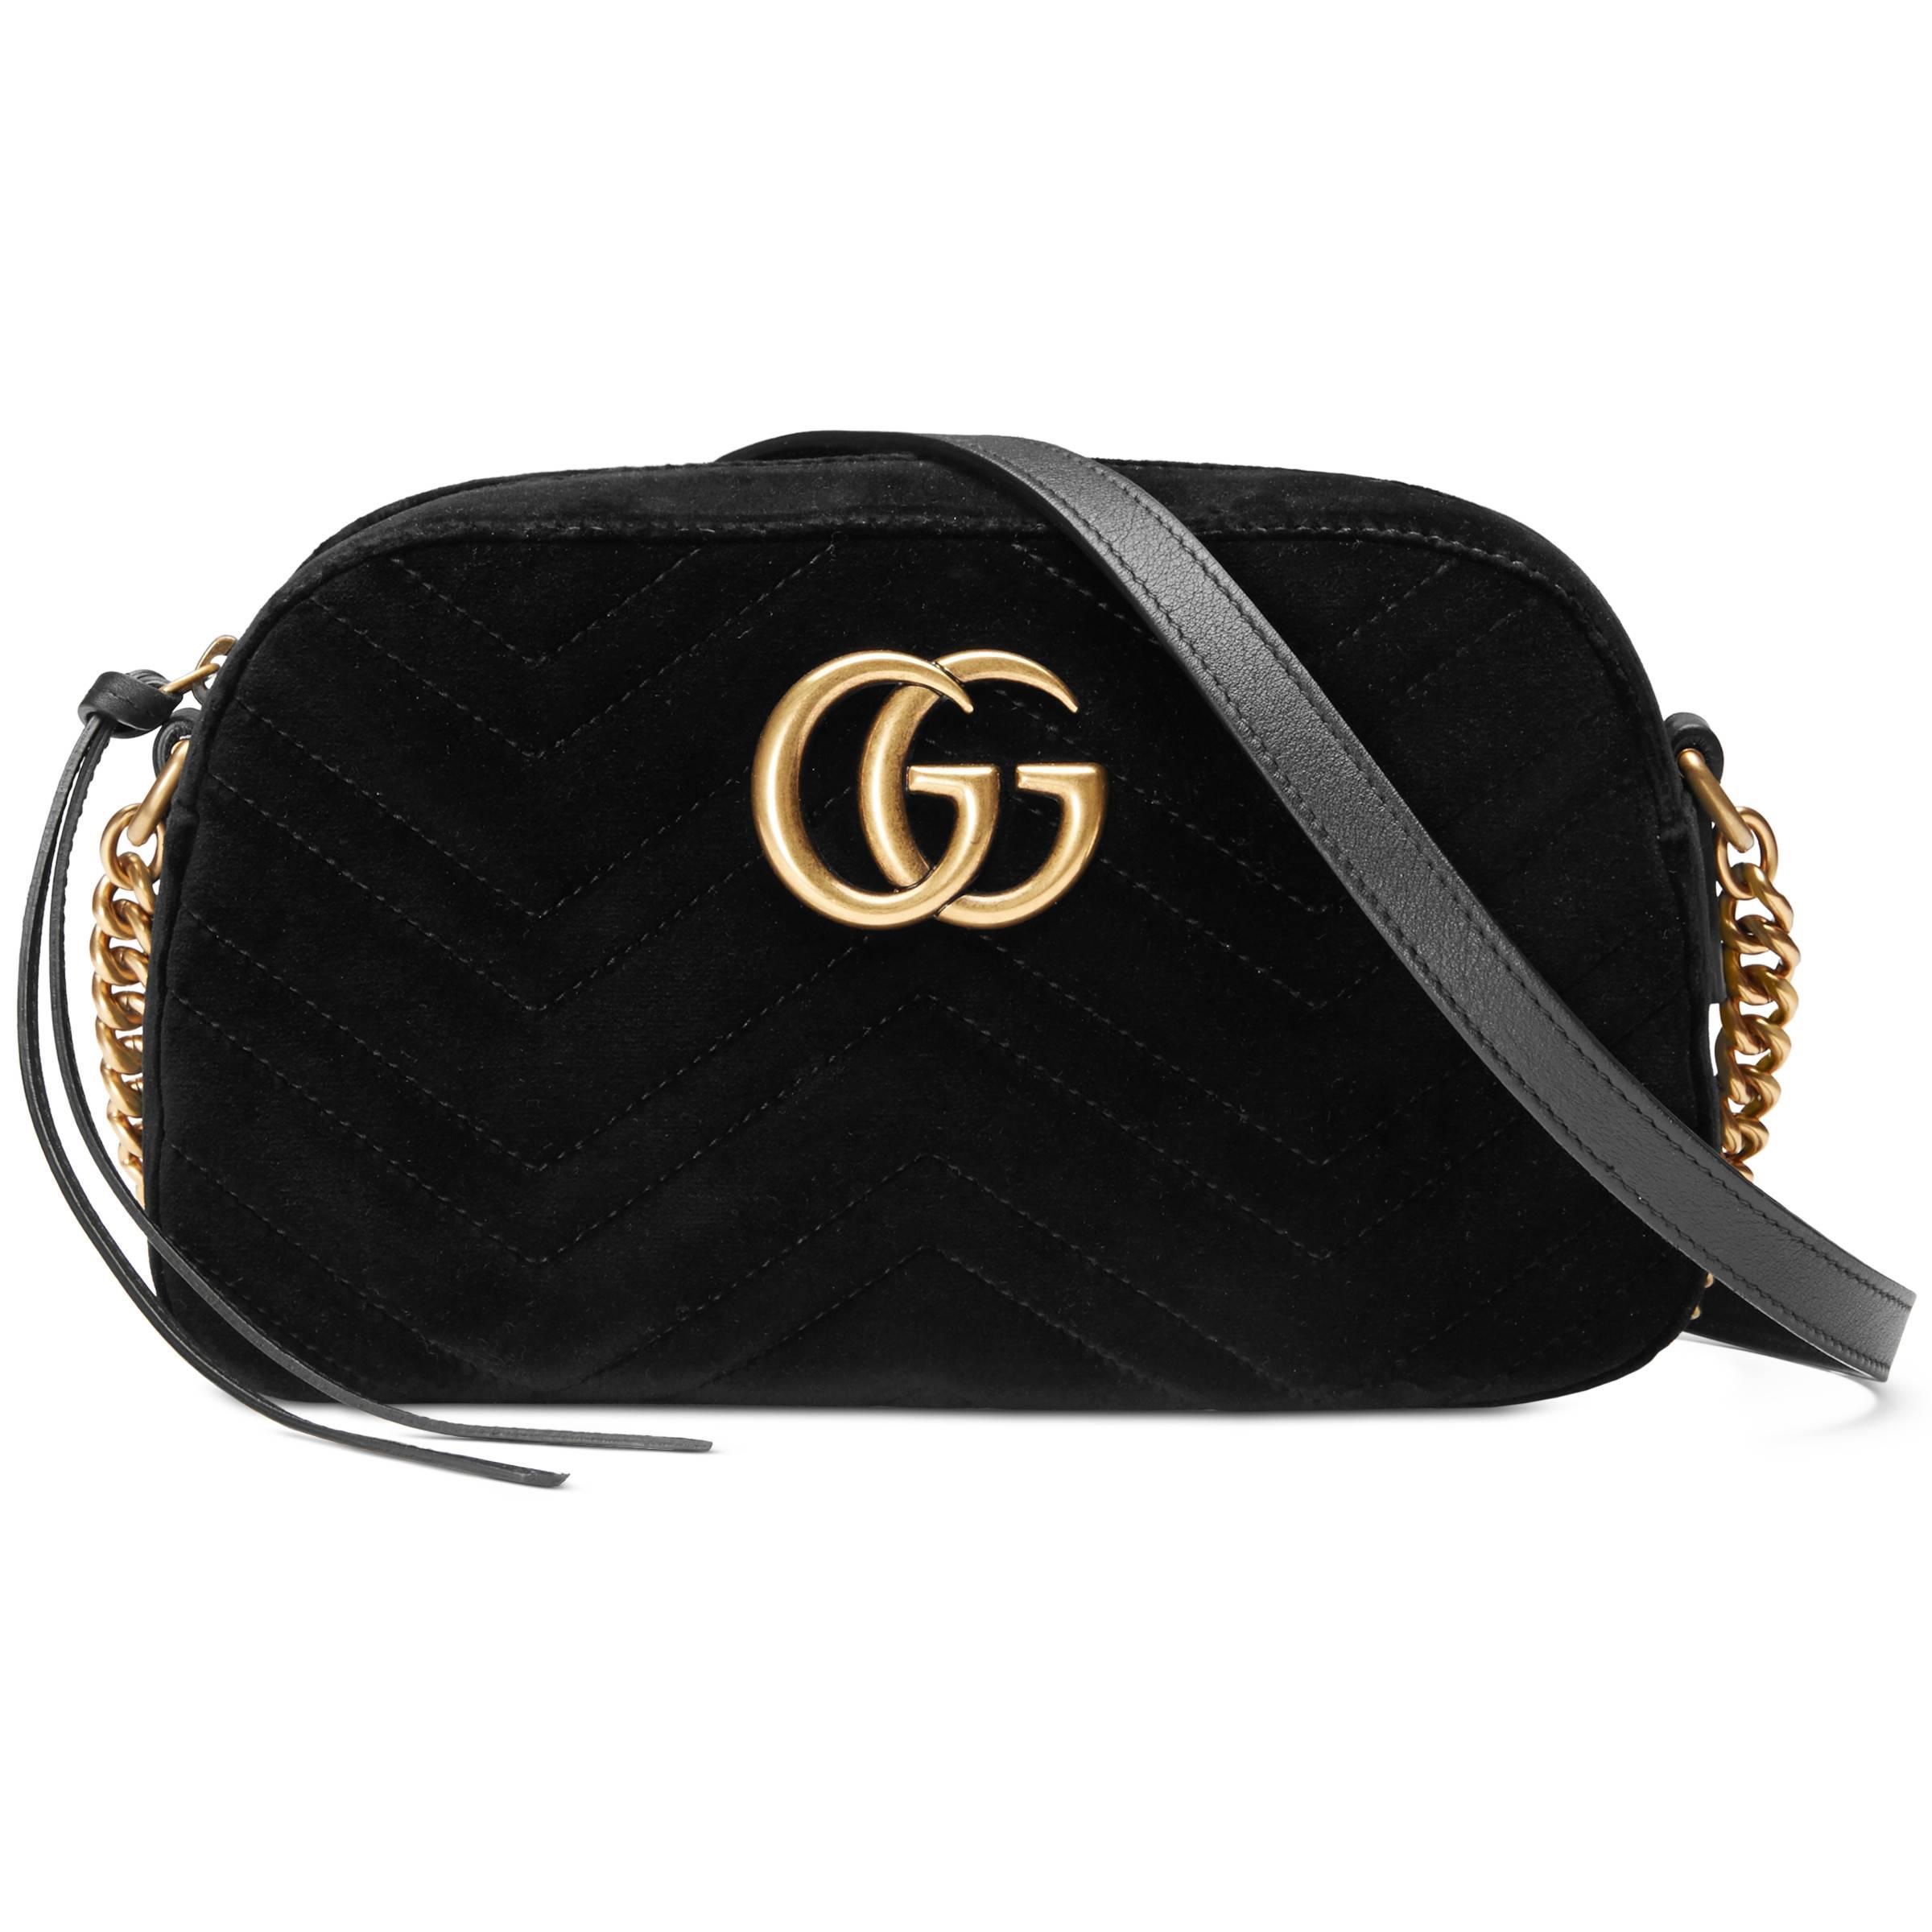 1ae7097e5f4 Gucci. Sac à épaule GG Marmont en velours petite taille femme de coloris  noir